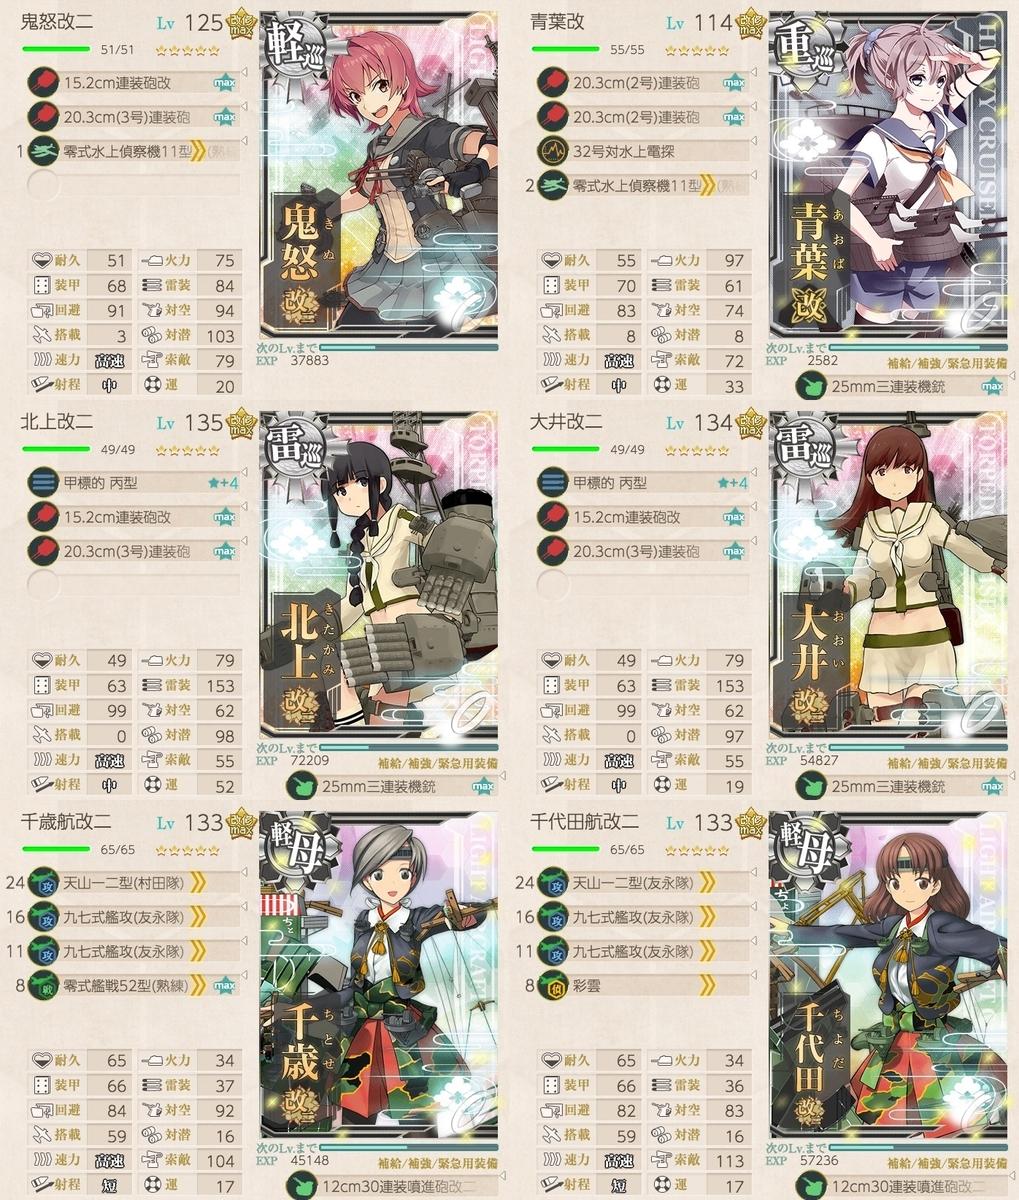 f:id:nameless_admiral:20200207183034j:plain